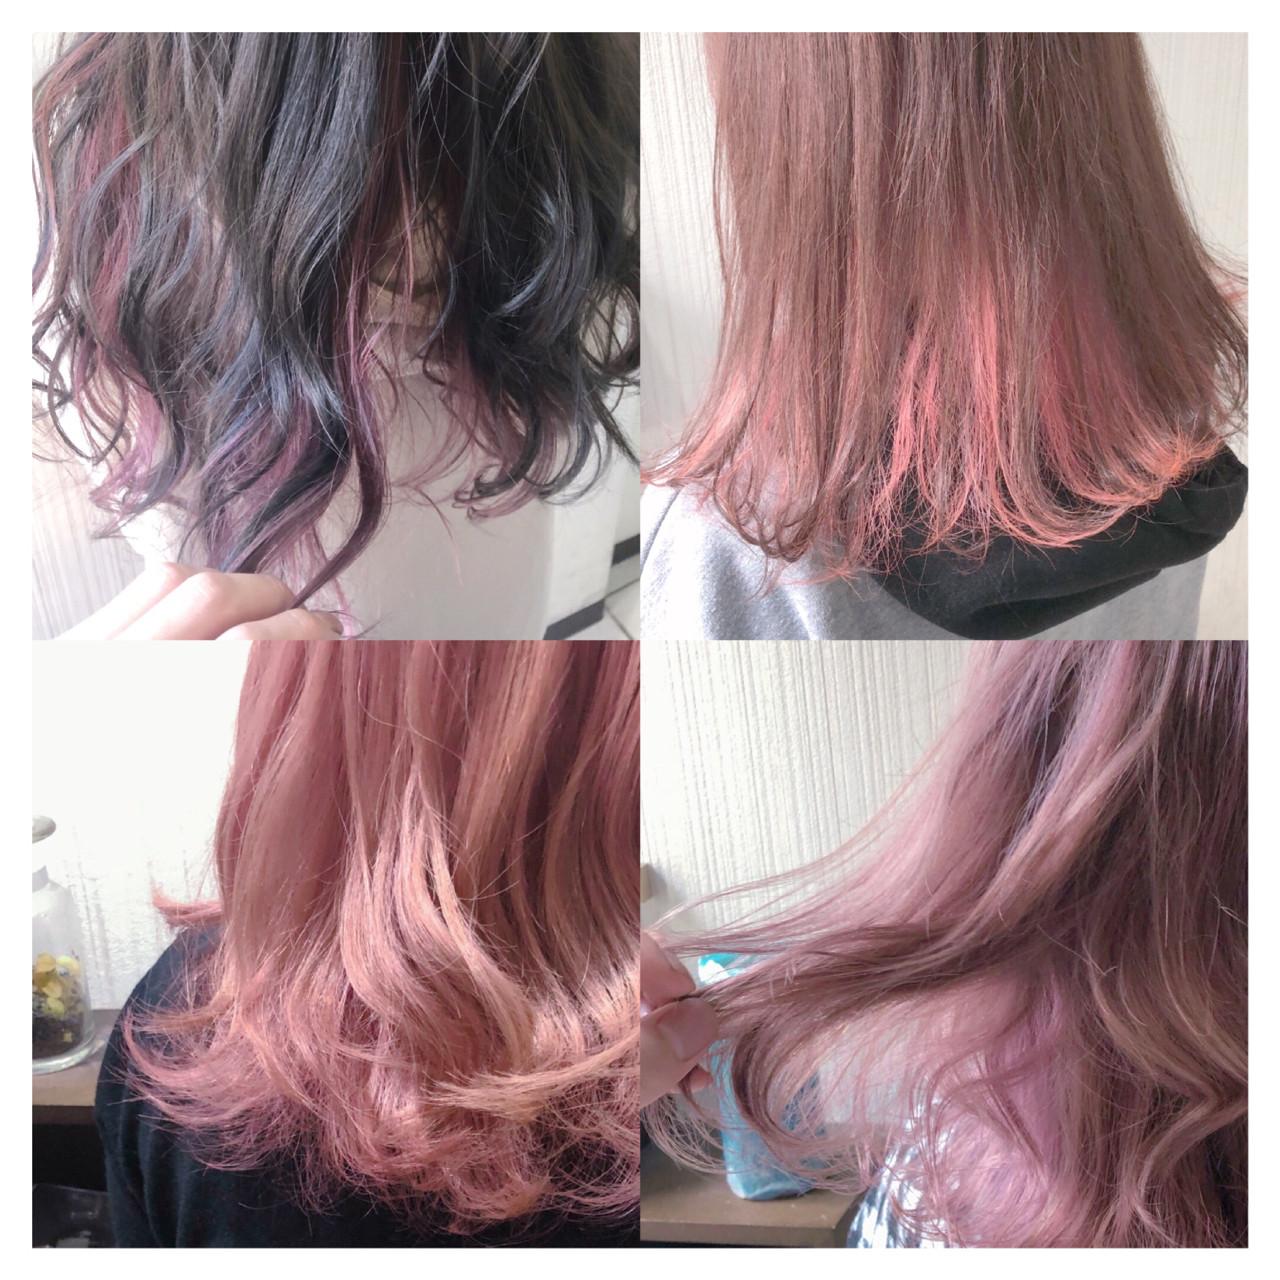 ピンク セミロング アンニュイほつれヘア 簡単ヘアアレンジ ヘアスタイルや髪型の写真・画像